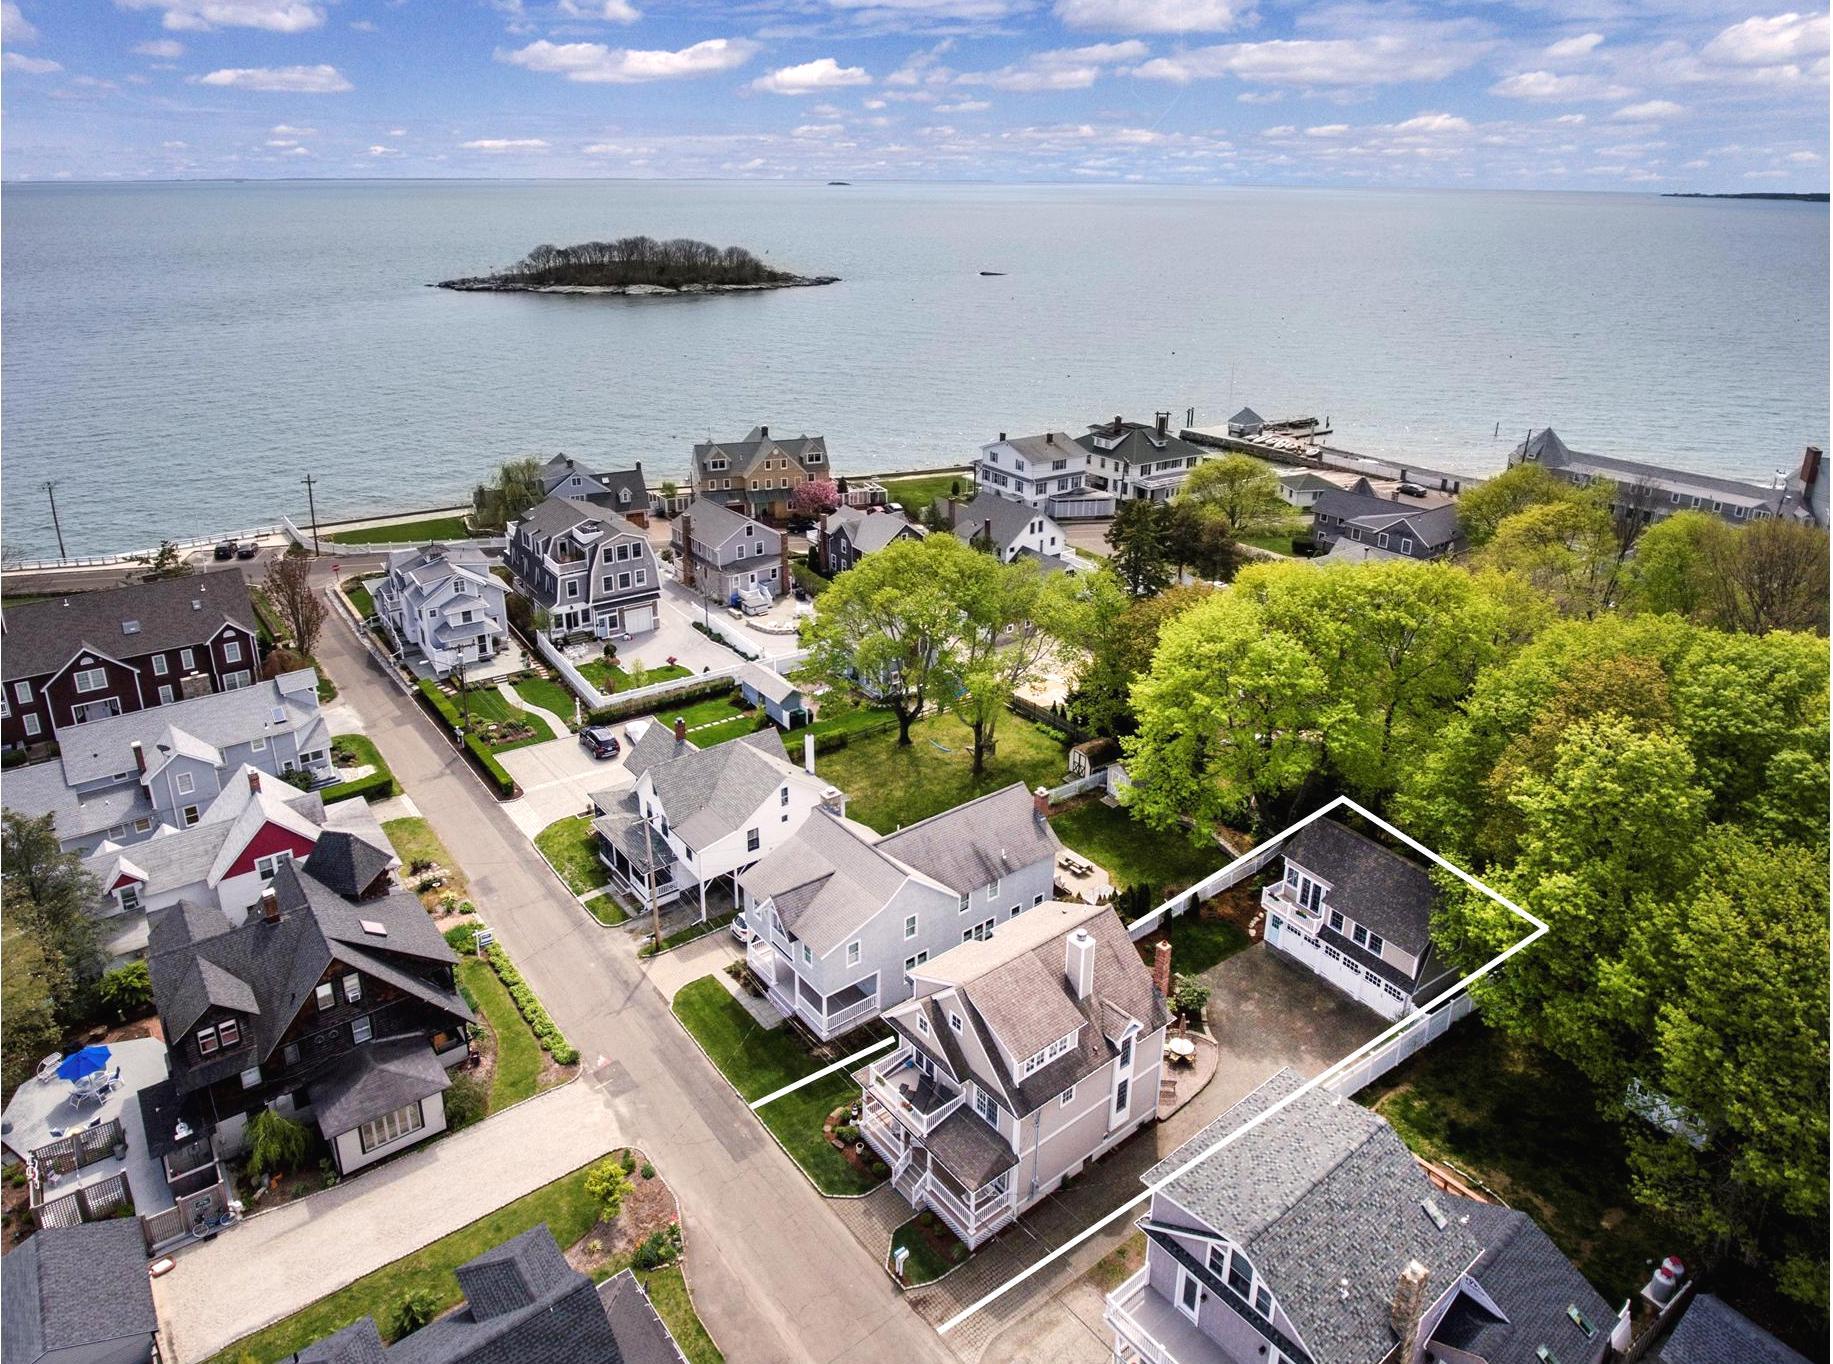 Maison unifamiliale pour l Vente à Just steps to Long Island Sound with beautiful water views! 15 Tuxis Rd Madison, Connecticut, 06443 États-Unis